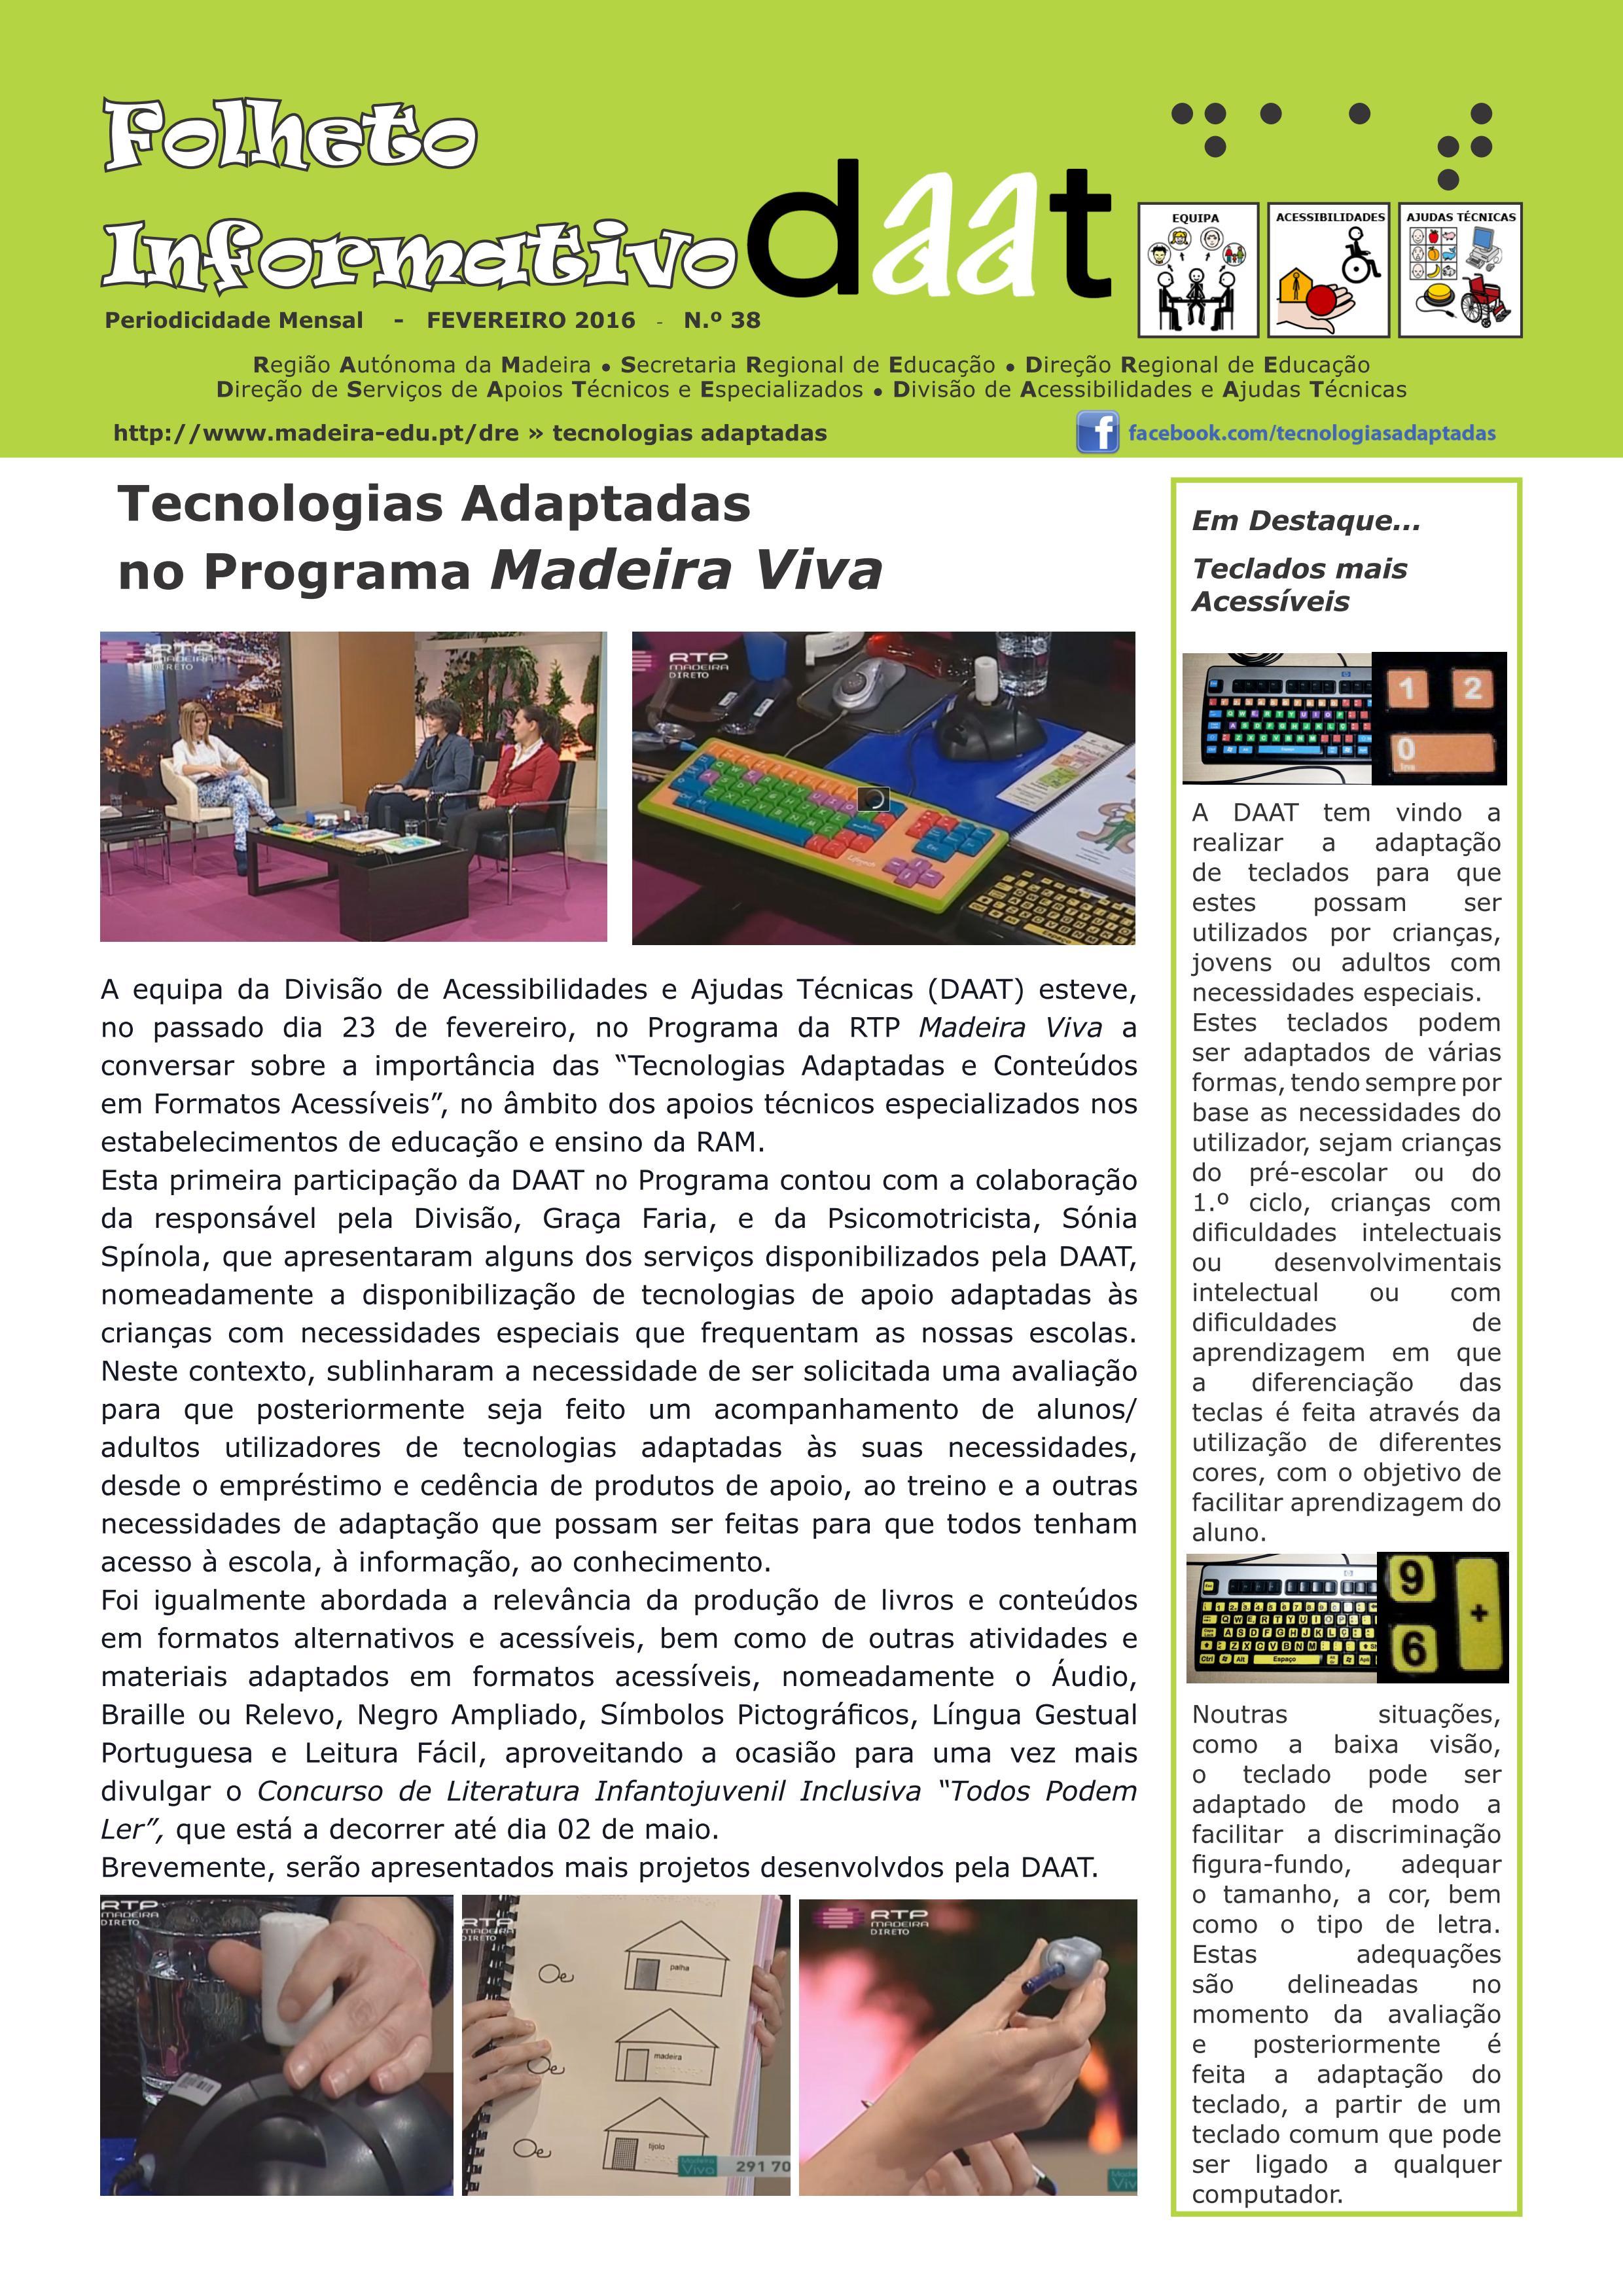 Tecnologias Adaptadas no Programa Madeira Viva